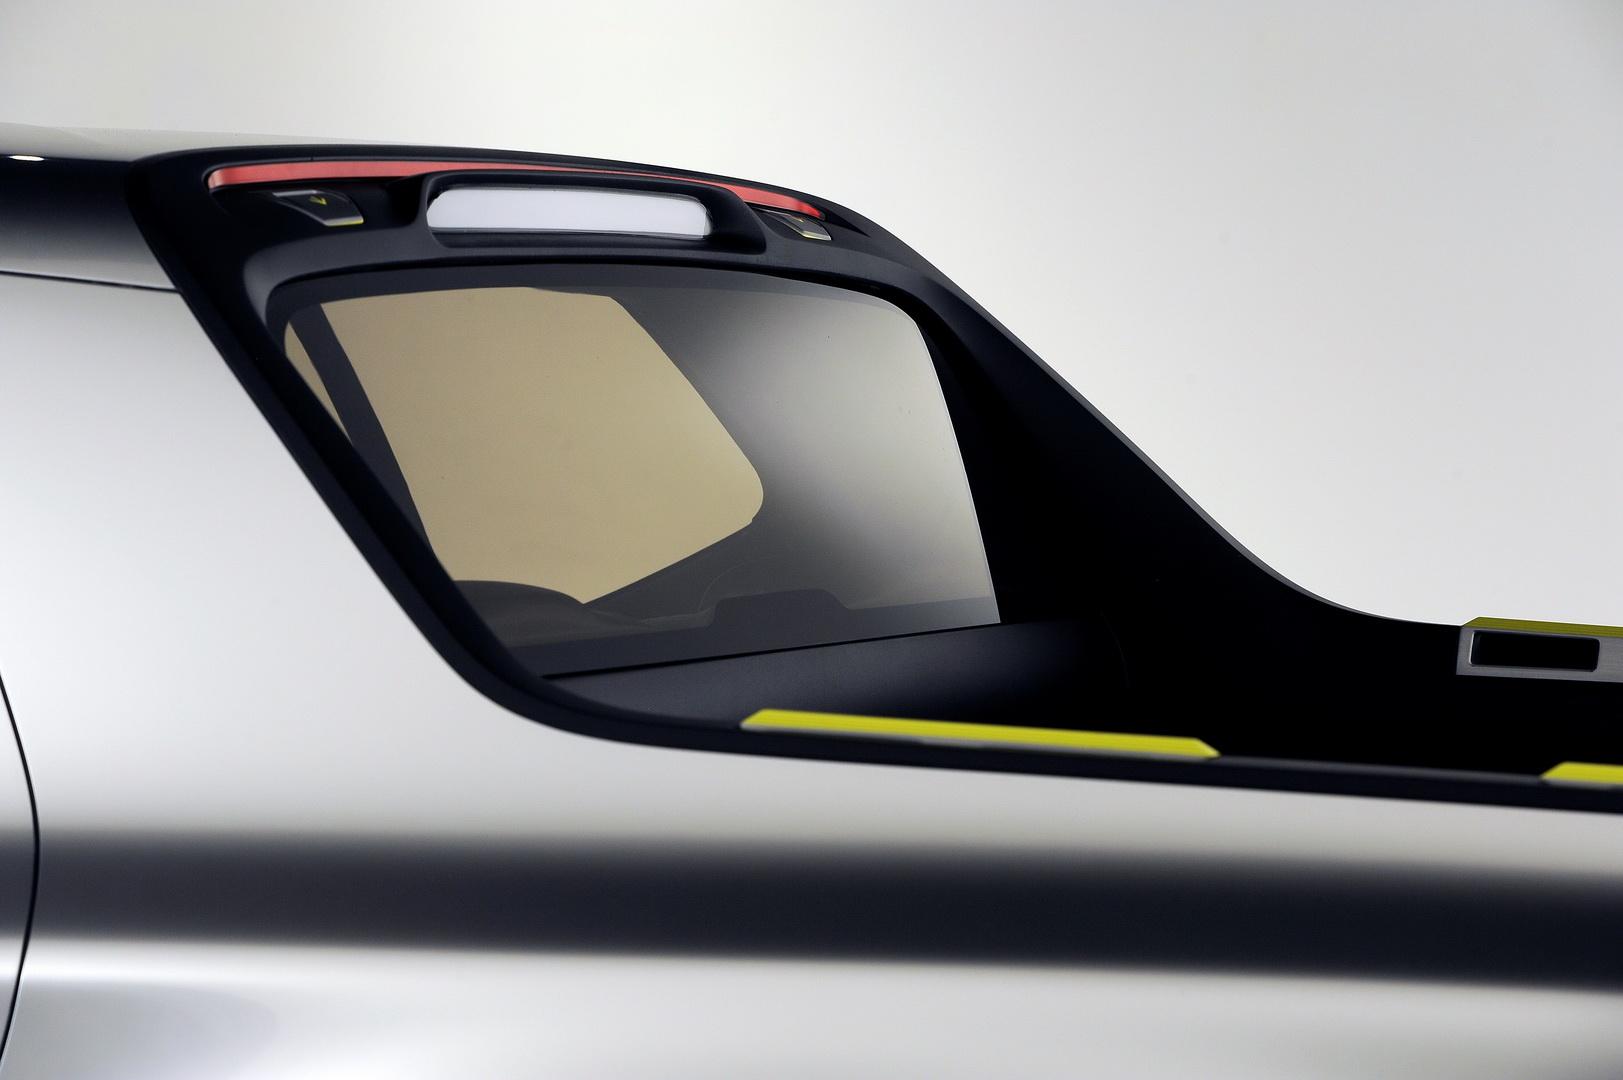 2015-hyundai-santa-cruz-concept-7.jpg